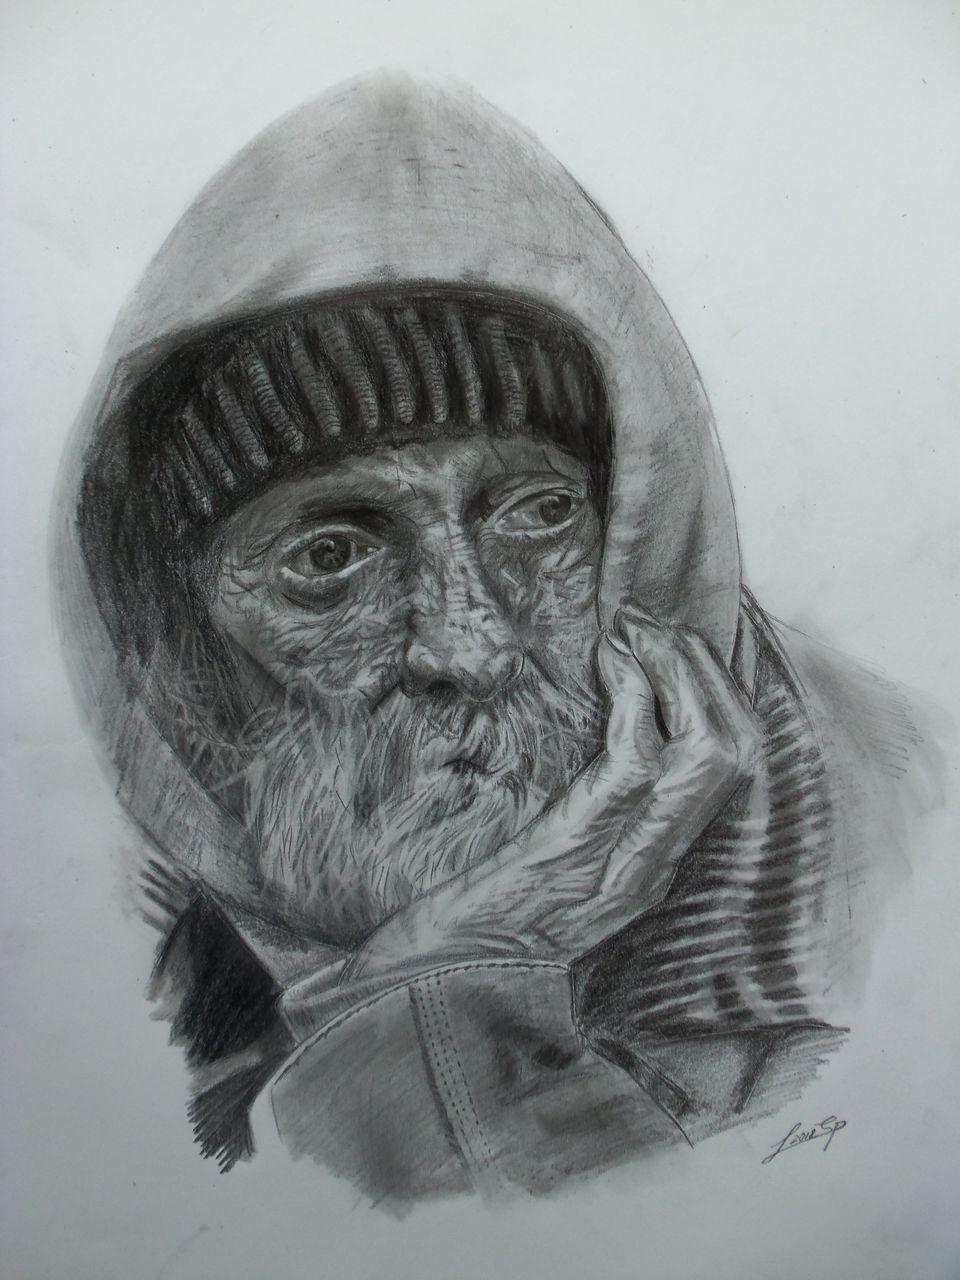 Bild: Grafit, Mann, Straße, Zeichnung von Lutz Spieß bei KunstNet